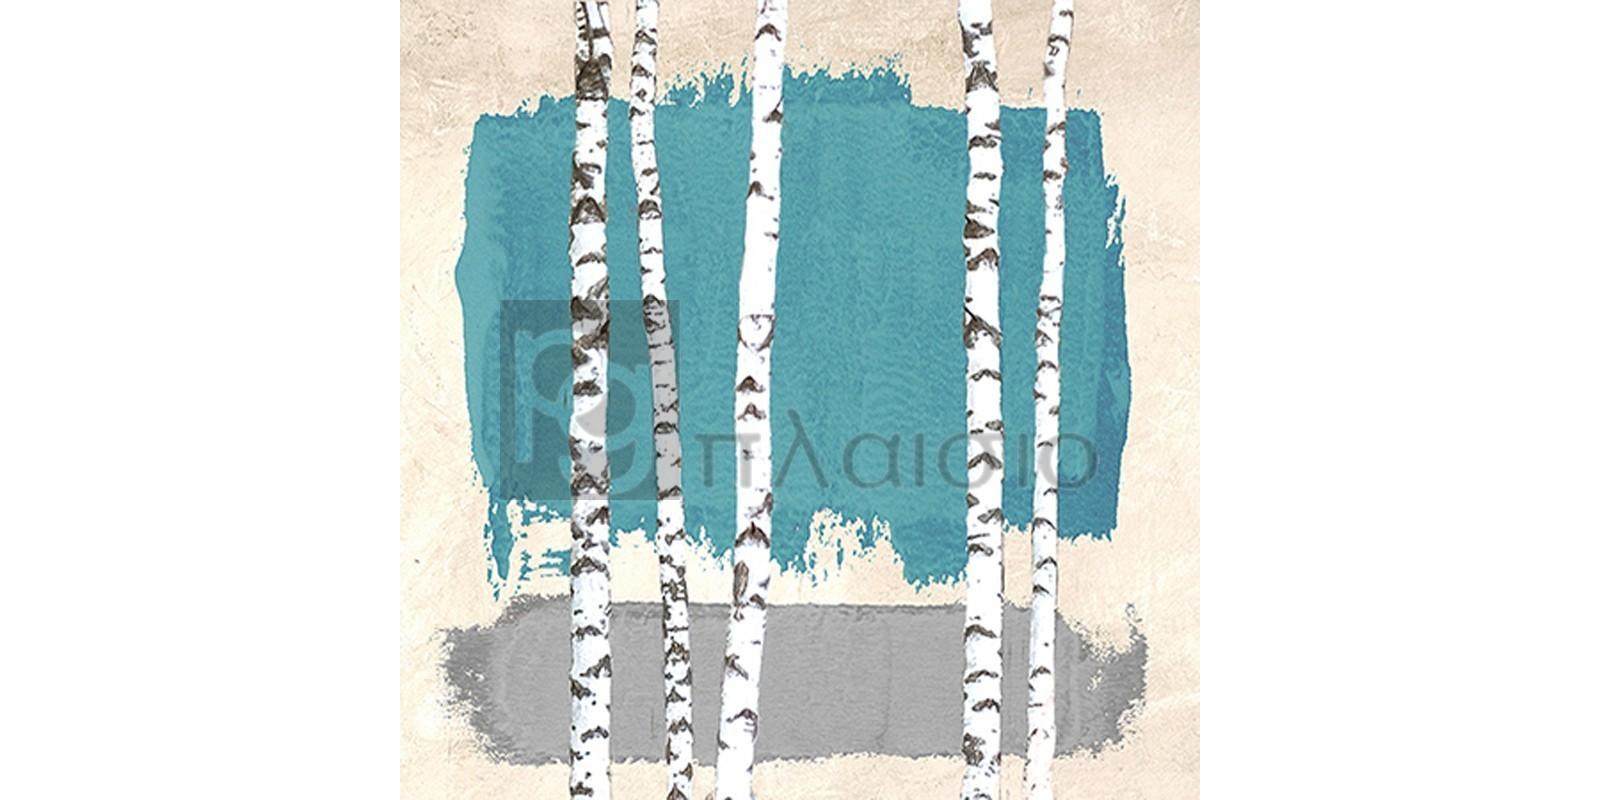 Viola Bertel - Abstract Nature III